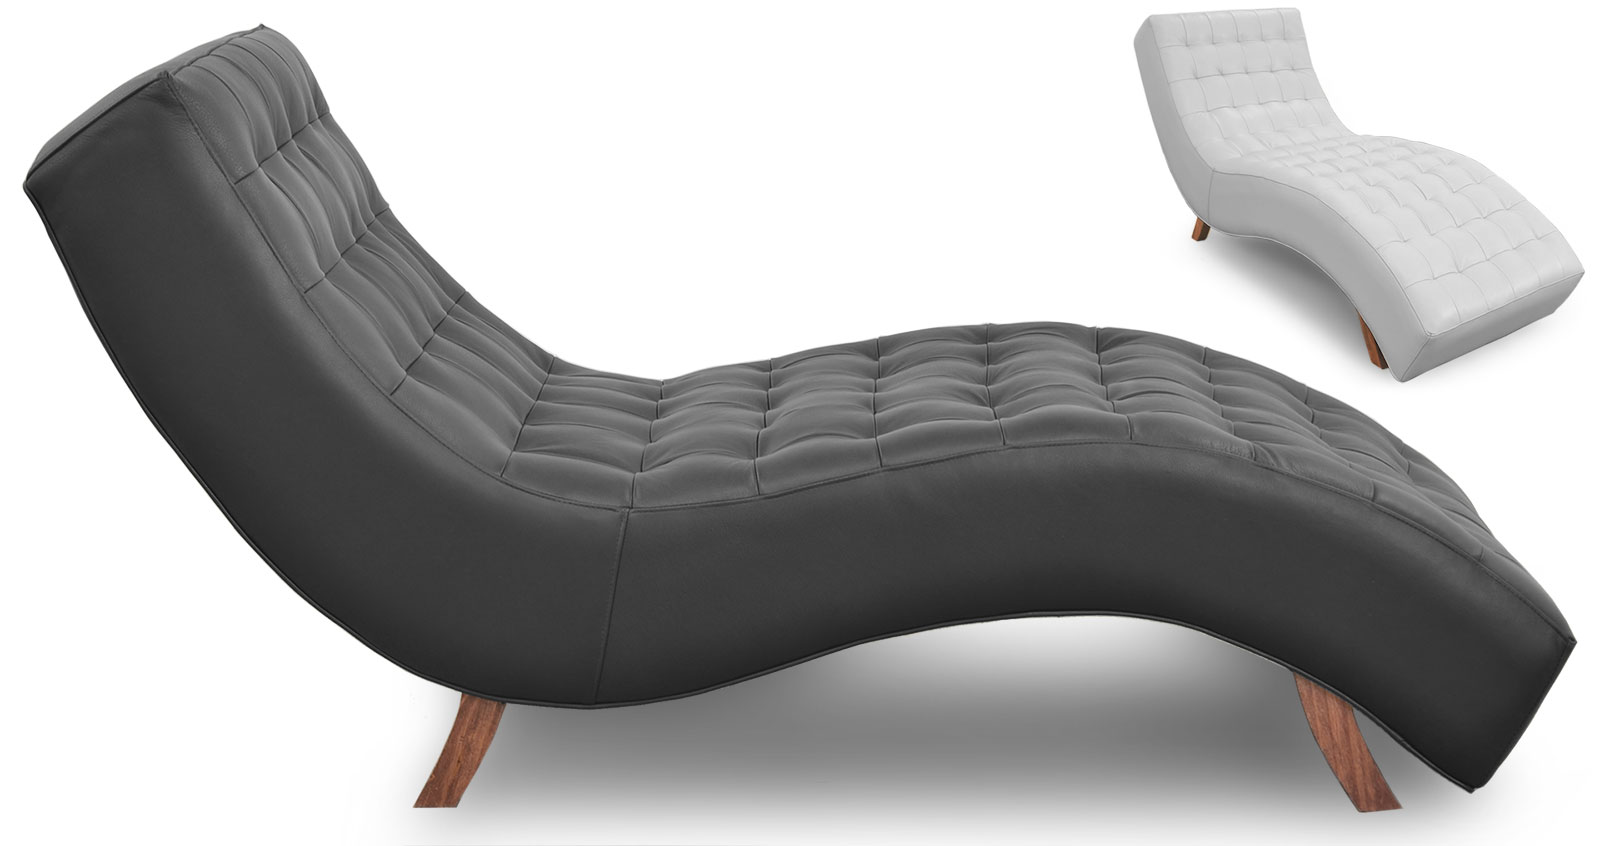 Italia Chaise Lounge The Leather Sofa Company